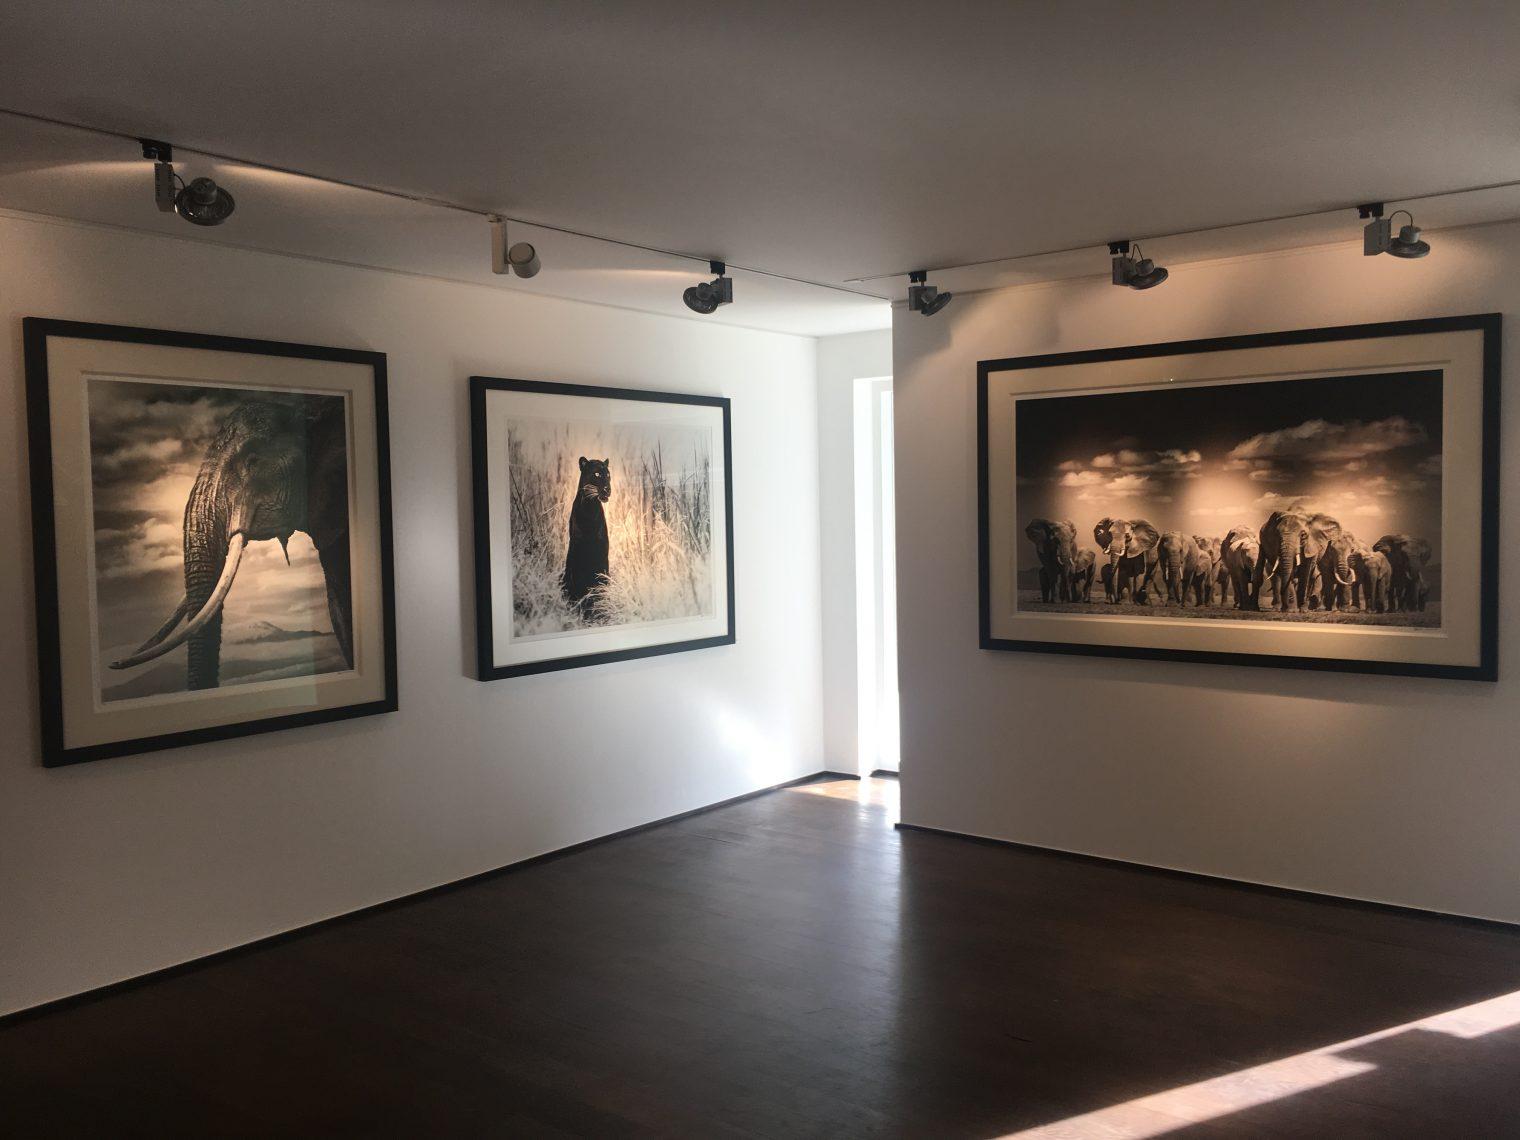 La Photographie Galerie (Knokke Seaside Gallery – Knokke, Brussels)